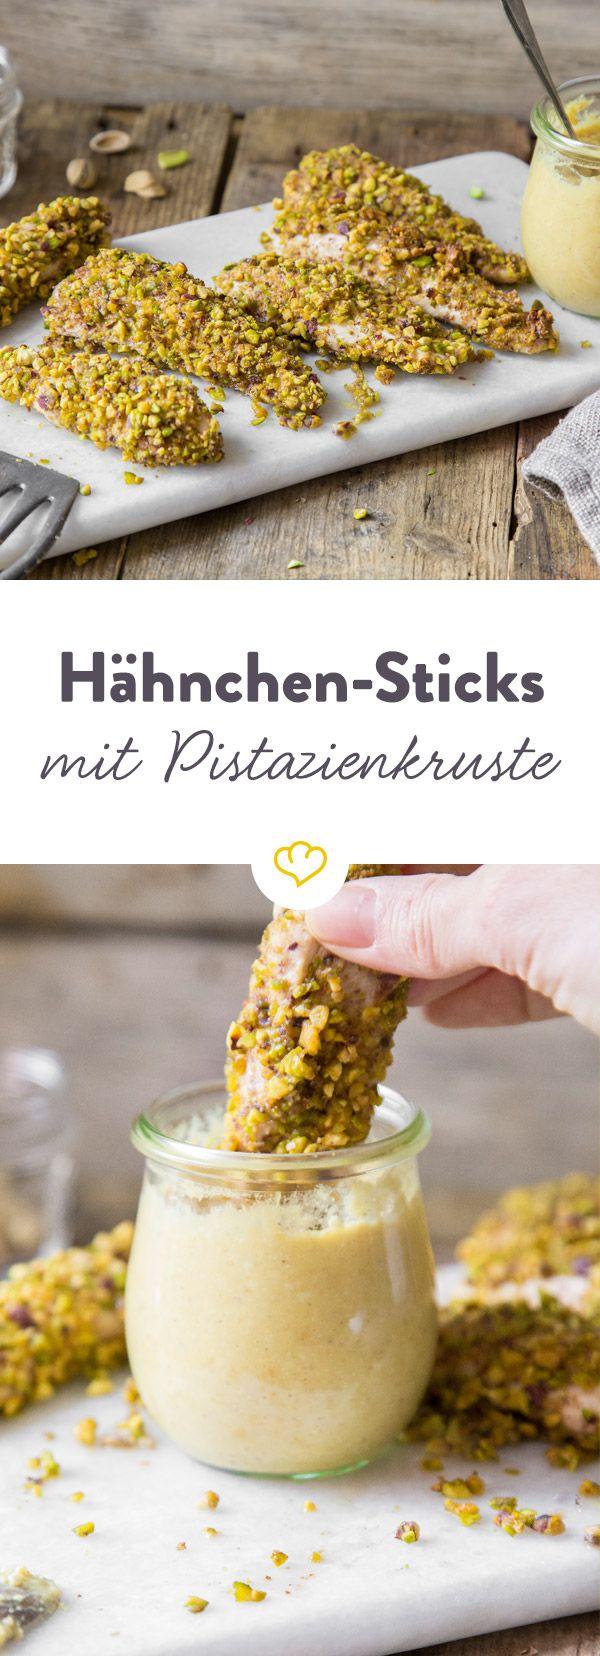 Diese Sticks aus zarten Hähnchen verdienen nur das Beste. Deshalb bekommen sie eine Kruste aus gehackten Pistazien und frischen Hummus zum Dippen.